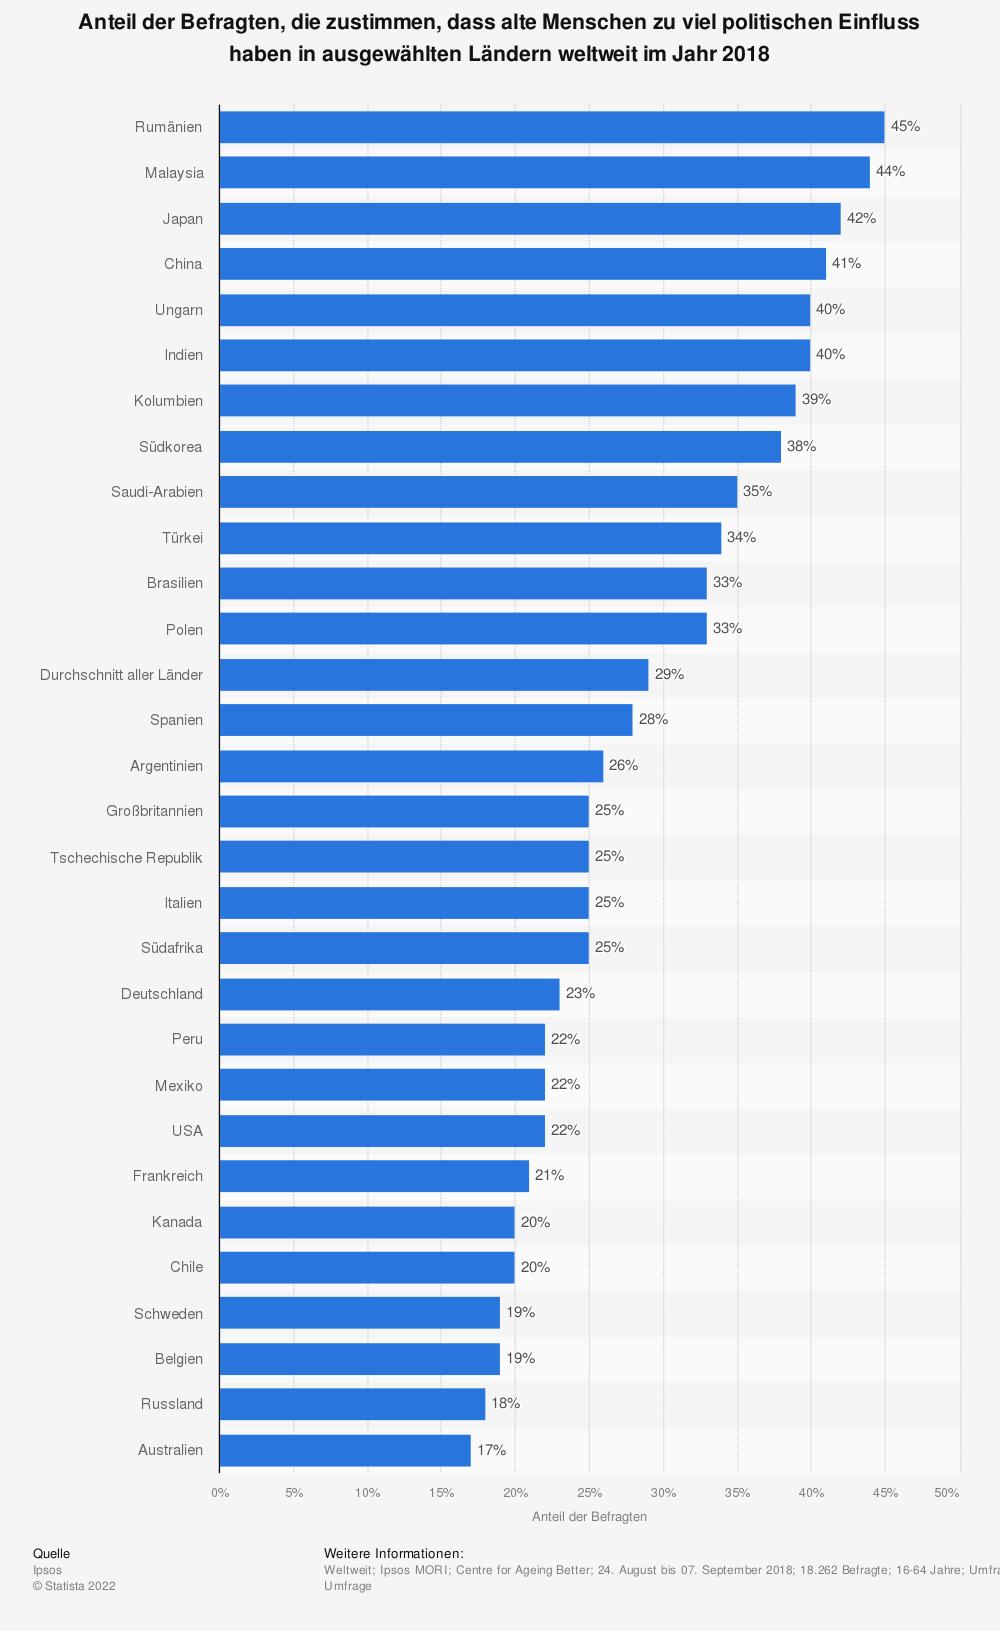 Statistik: Anteil der Befragten, die zustimmen, dass alte Menschen zu viel politischen Einfluss haben in ausgewählten Ländern weltweit im Jahr 2018 | Statista